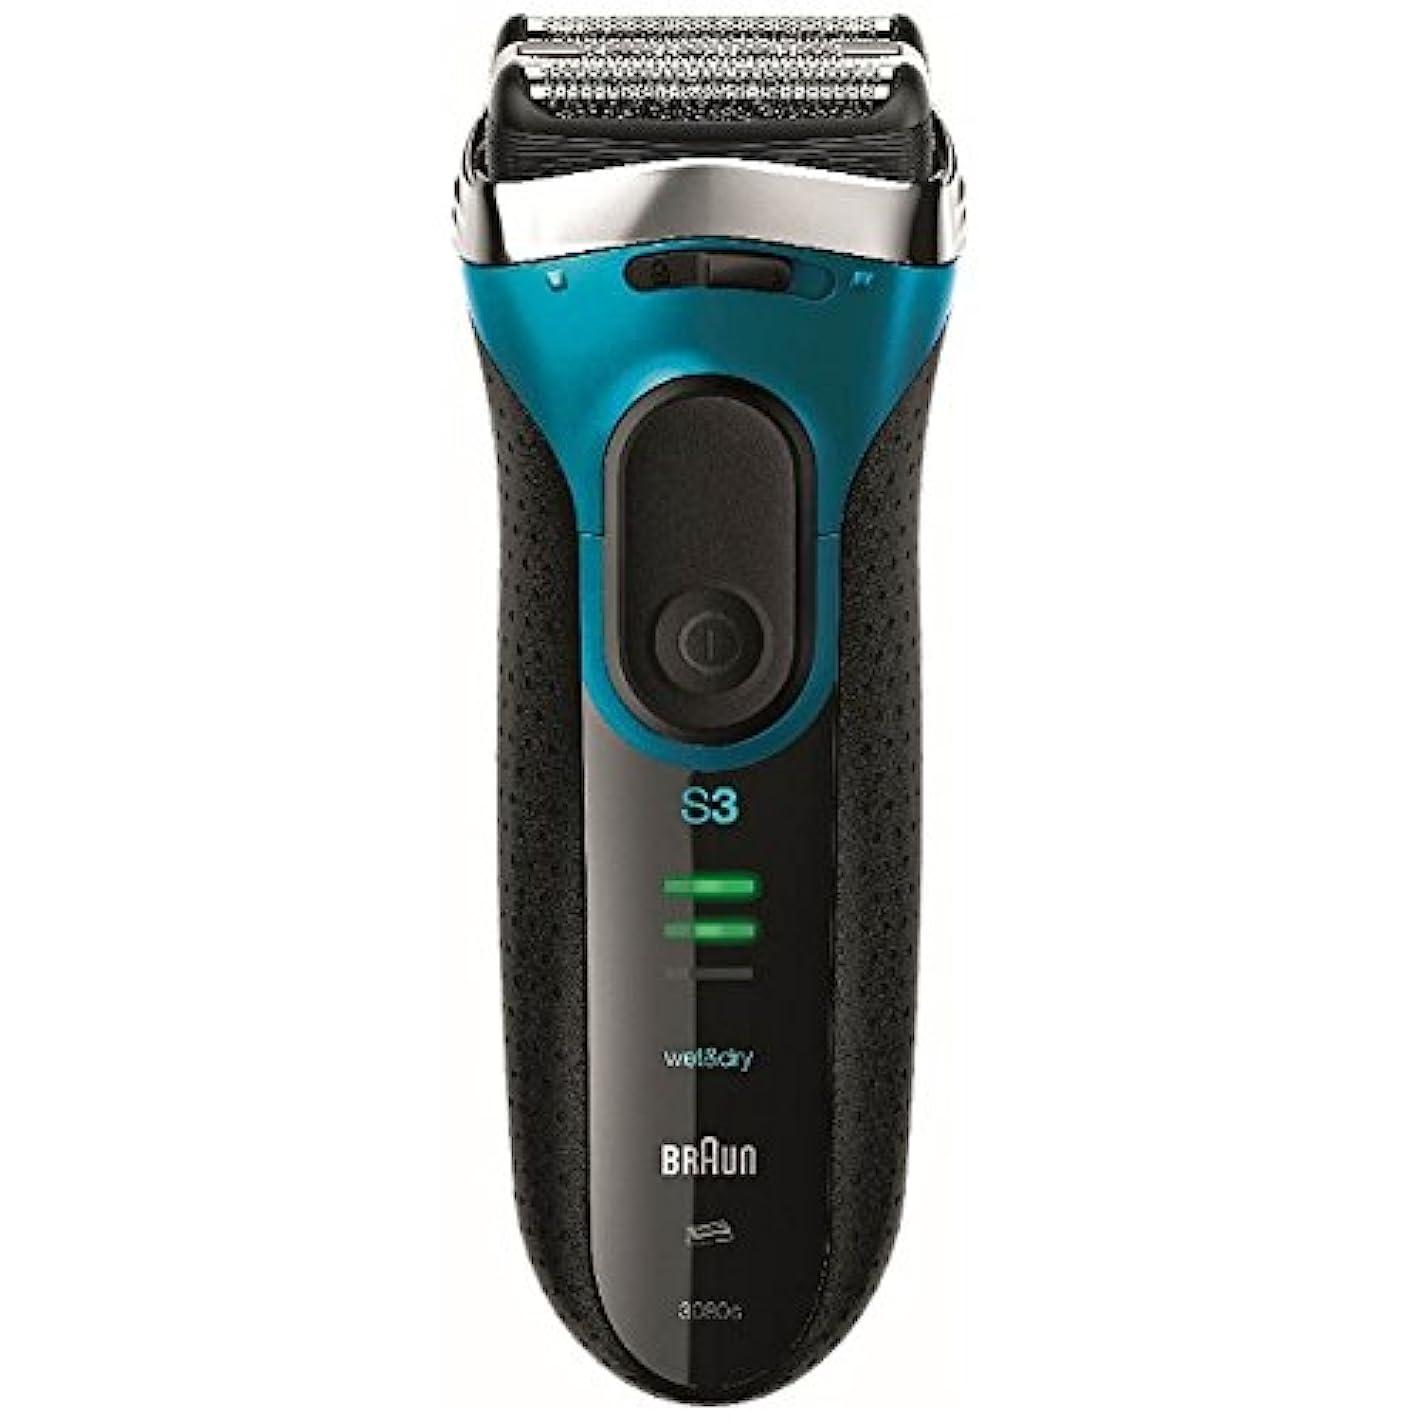 知事ポルトガル語勧告ブラウン メンズシェーバー シリーズ3 3080s-B-P 3枚刃 お風呂剃り可 ブルー